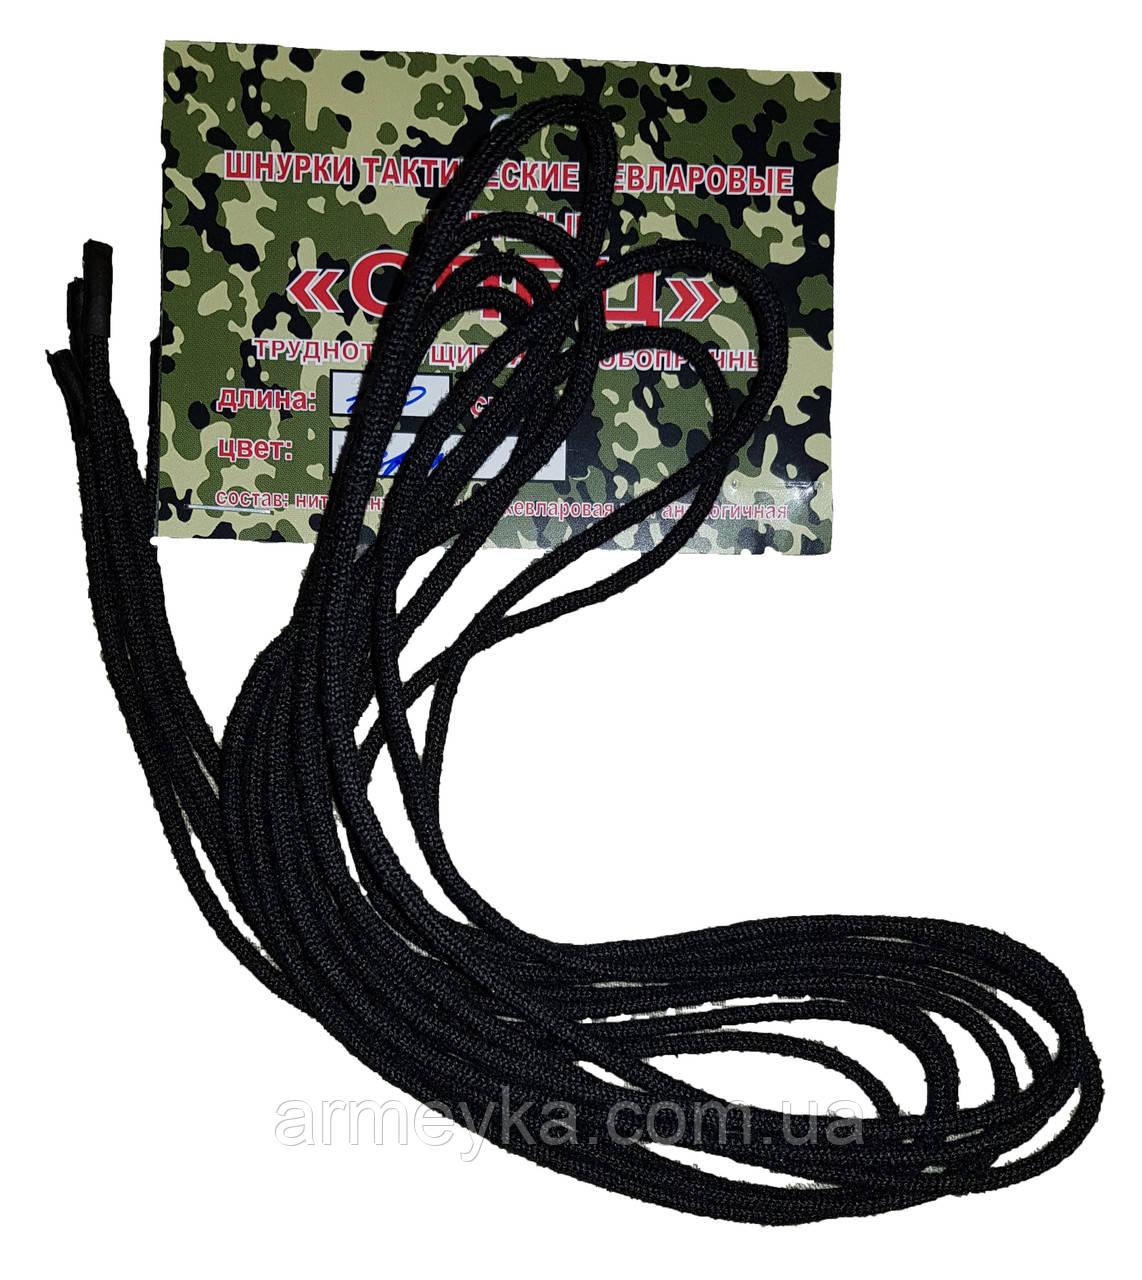 """Кевларовые шнурки """"тм Барс"""", черный. Оригинал, РФ."""